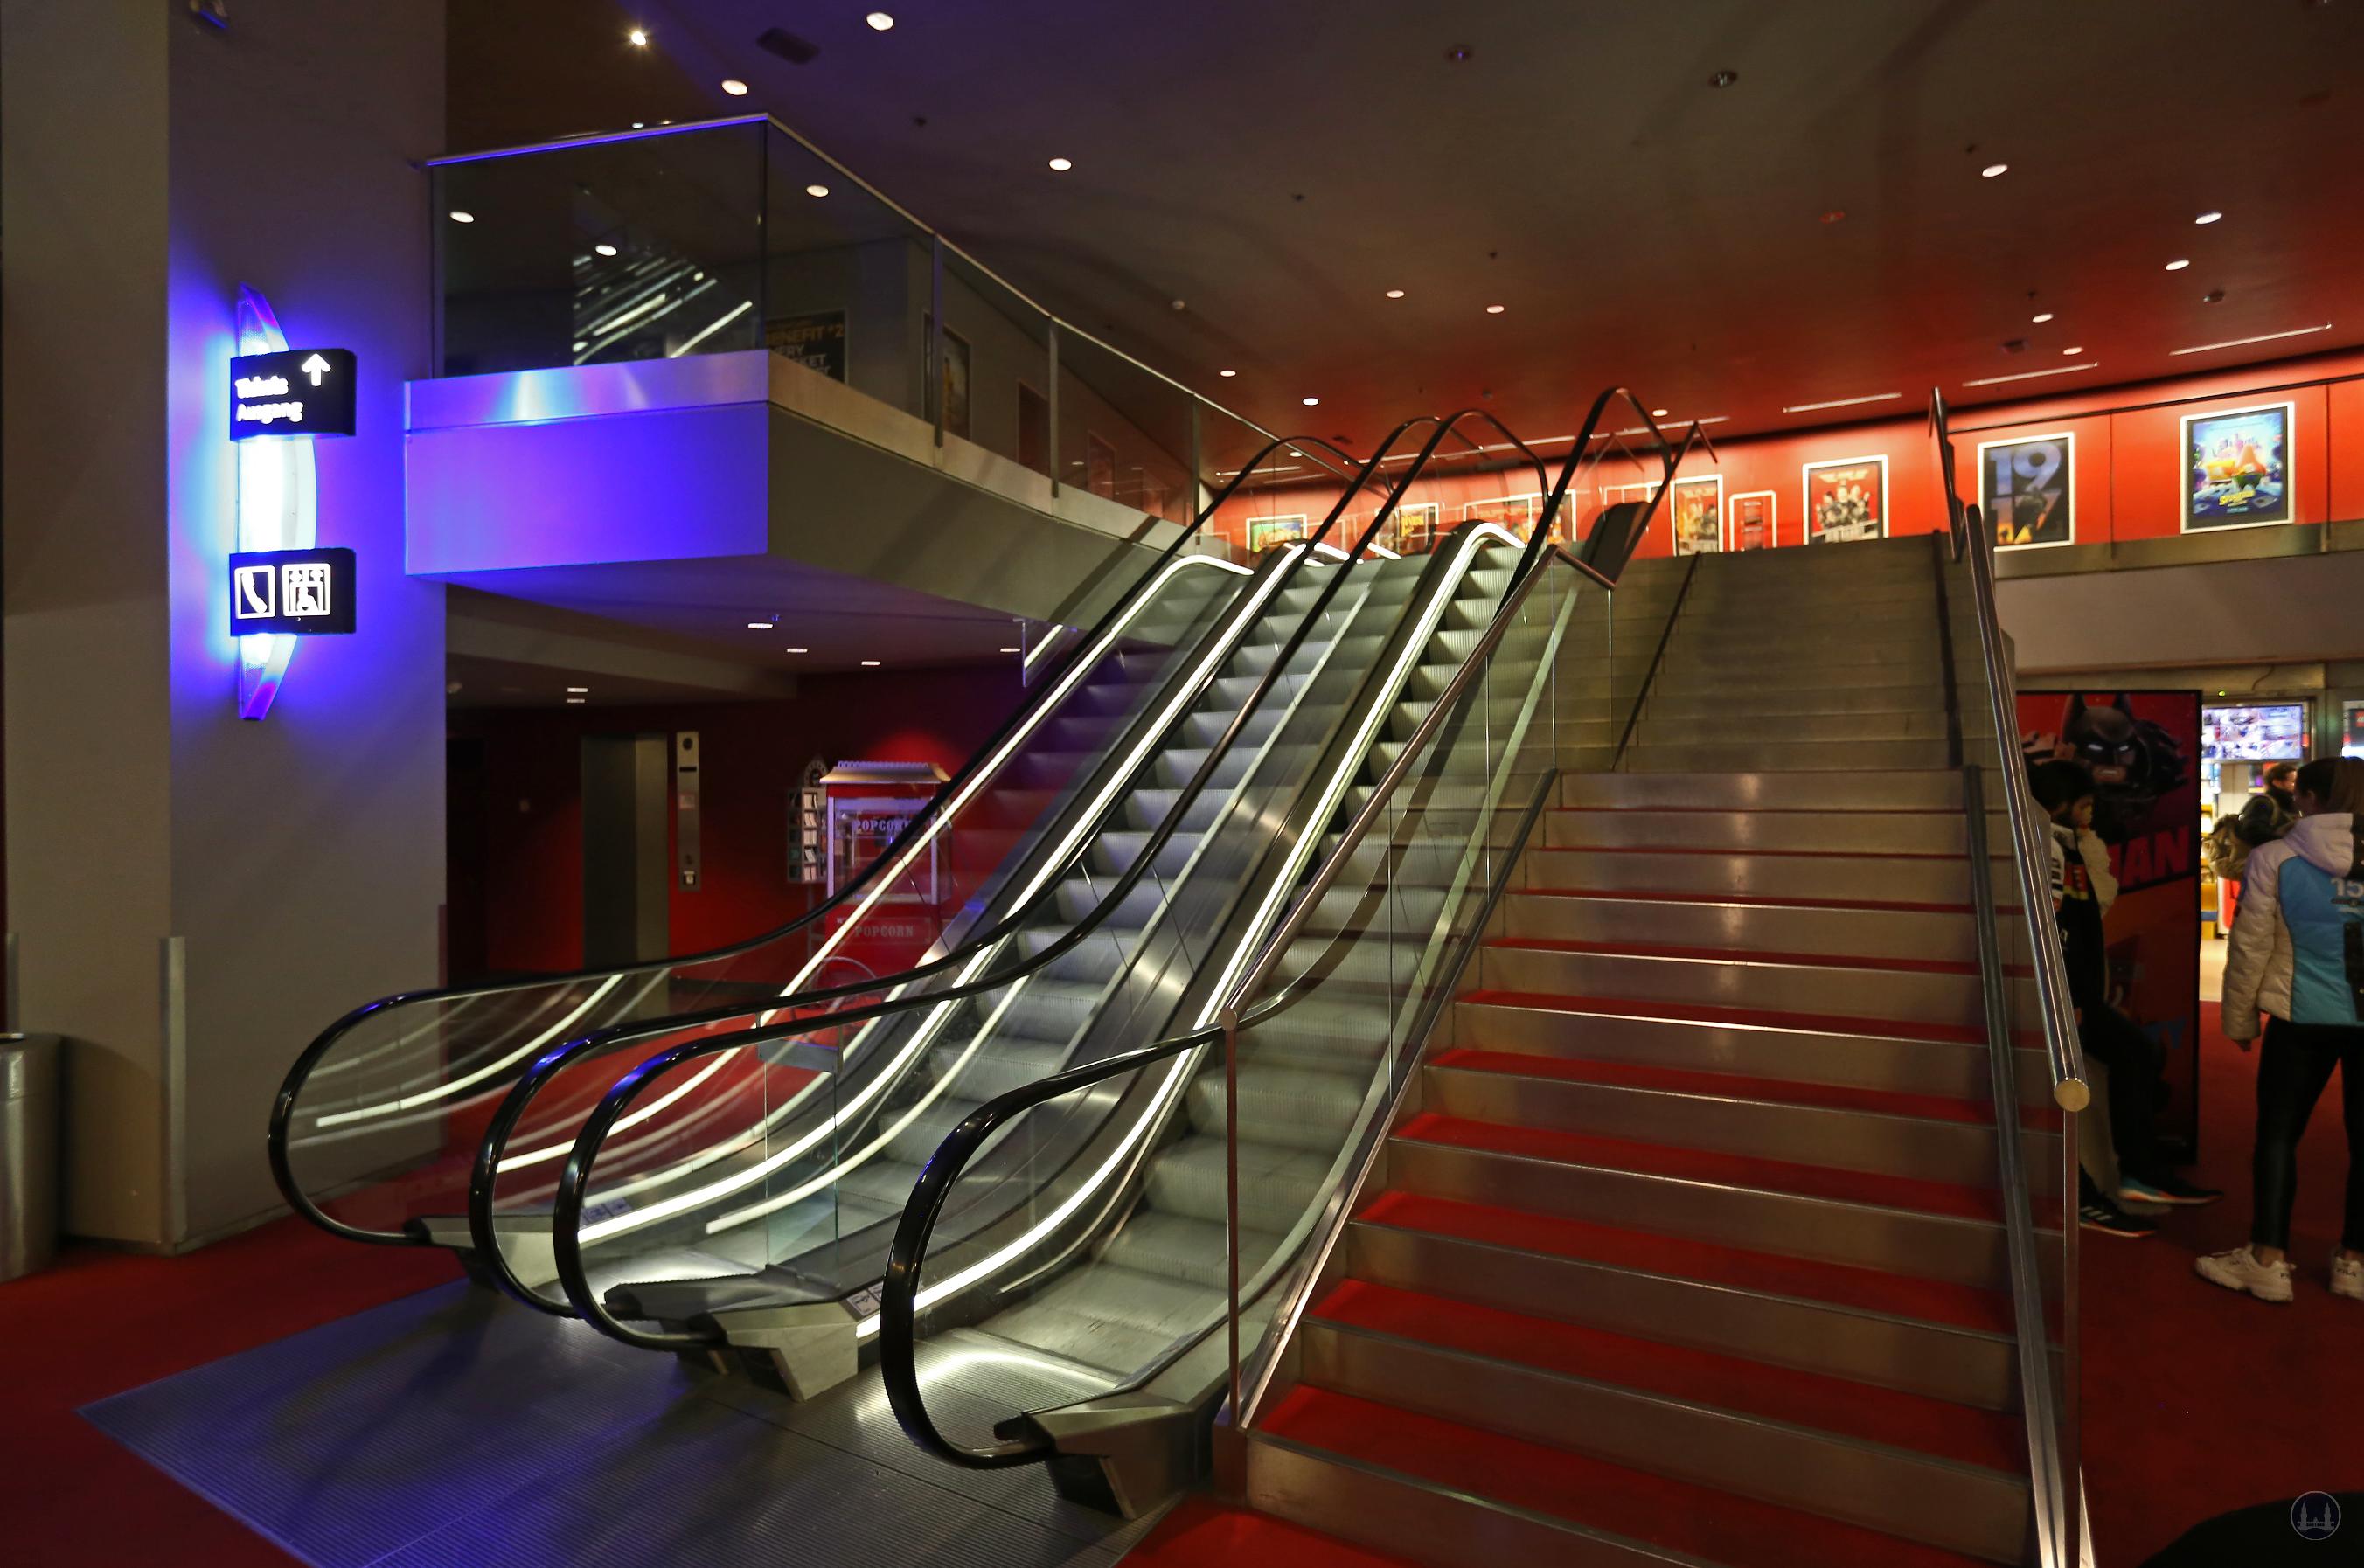 CineStar Kino im Sony Center Berlin. Das untere Ende der Fahrtreppen im Kinobereich.